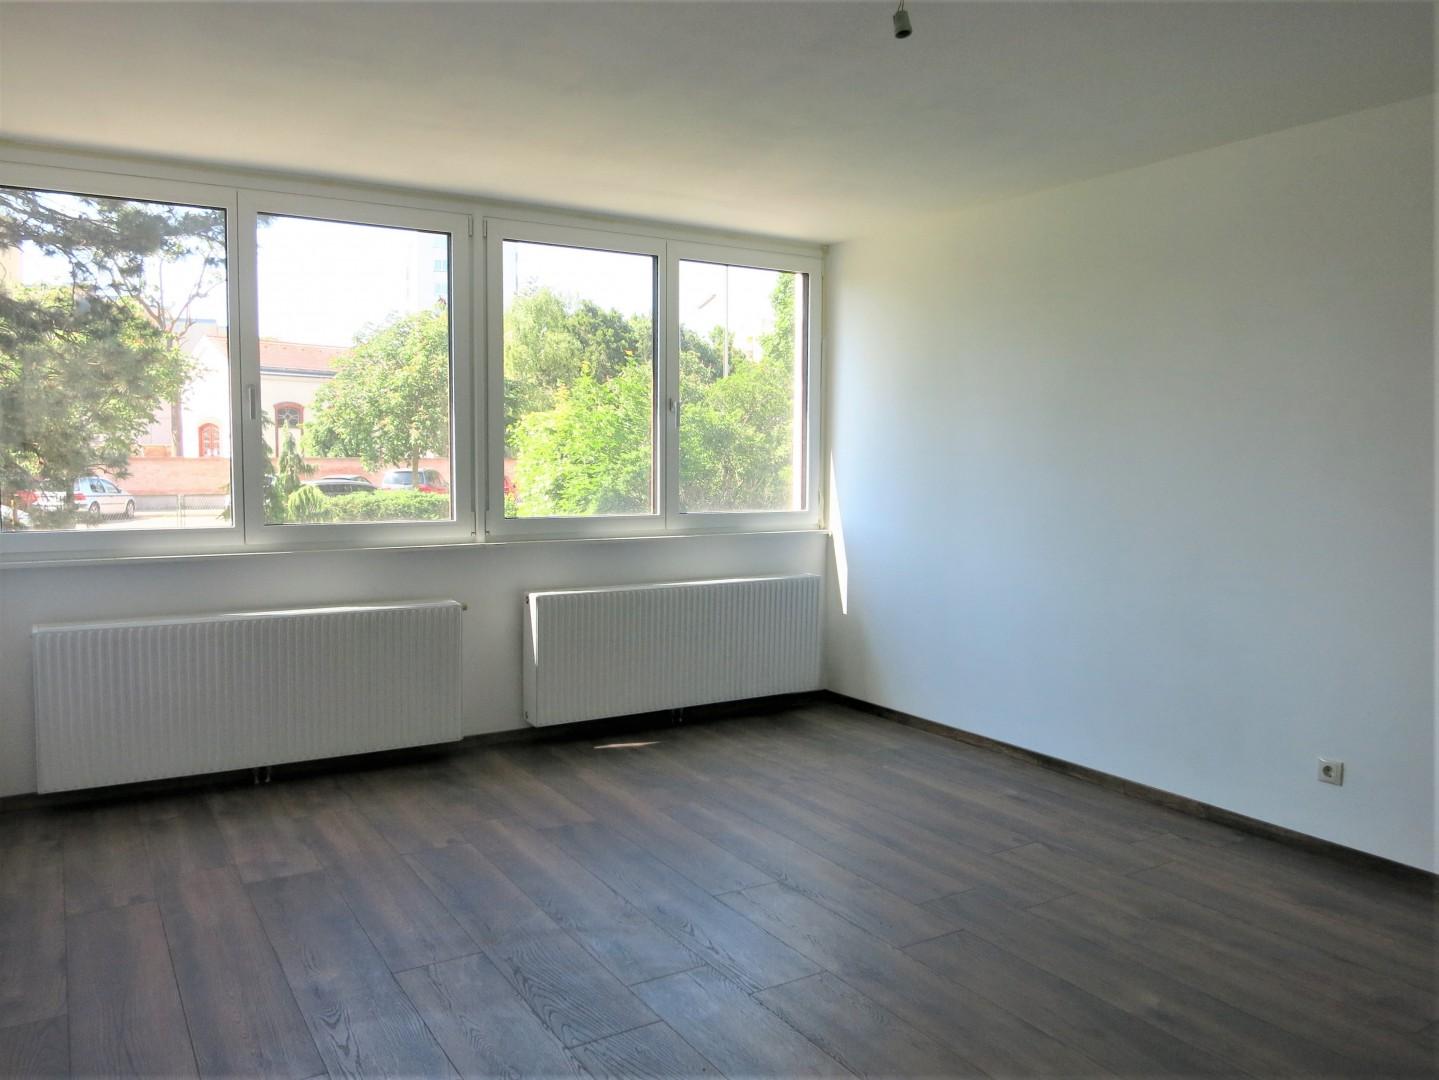 Neu sanierte Wohnung mit getrennt begehbaren Zimmern